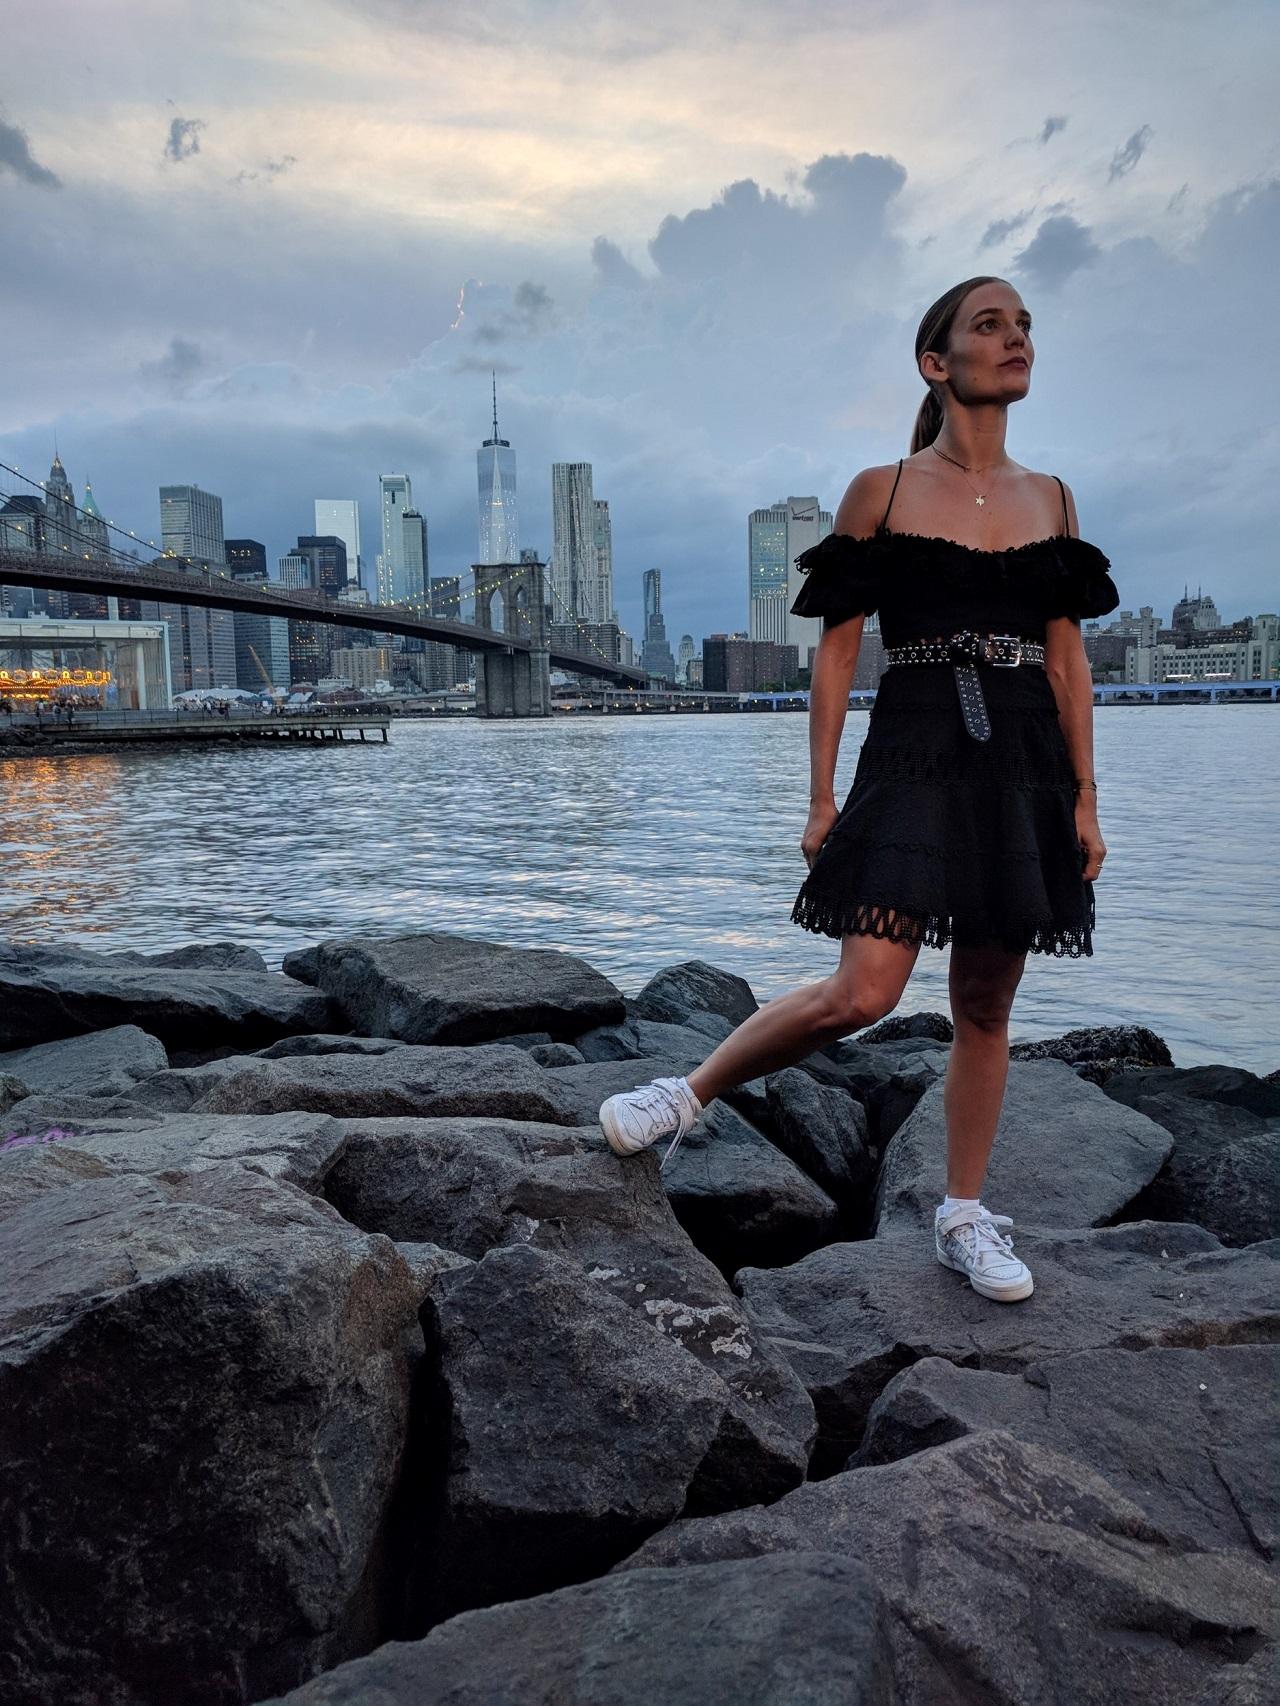 דנה פרידר בניו יורק. צילום יחצ